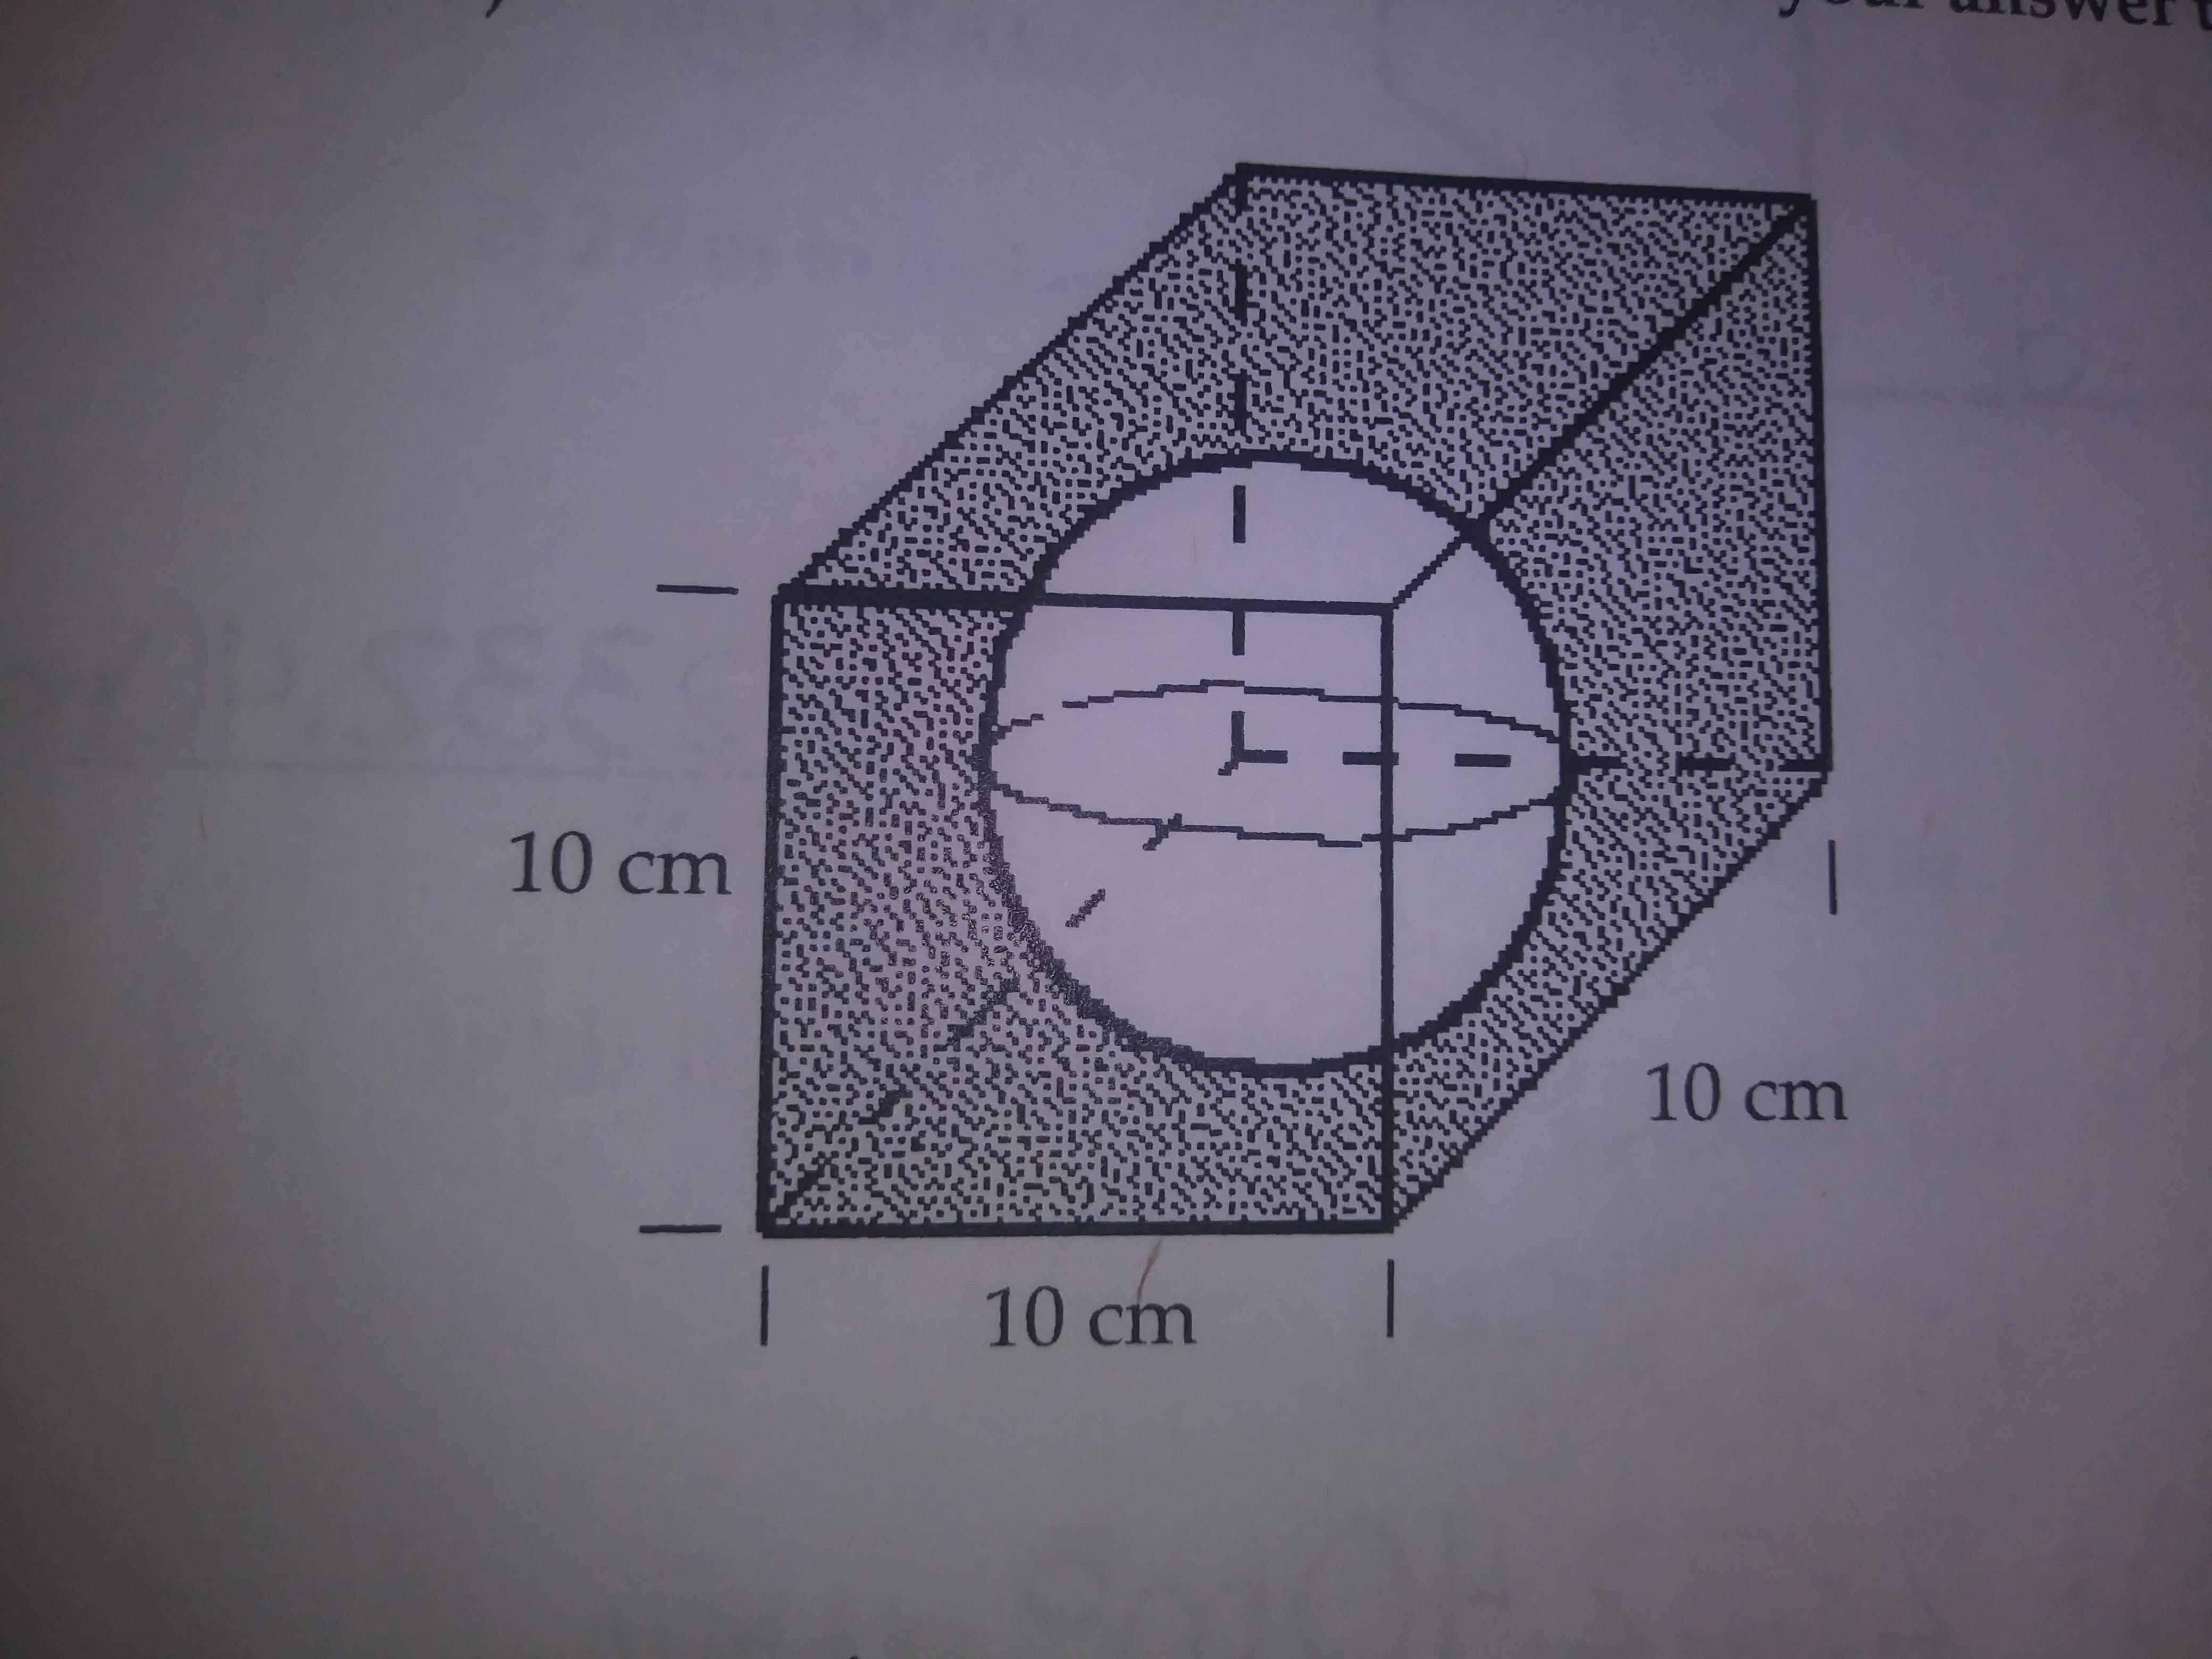 10 cm 10 cm 10 cm